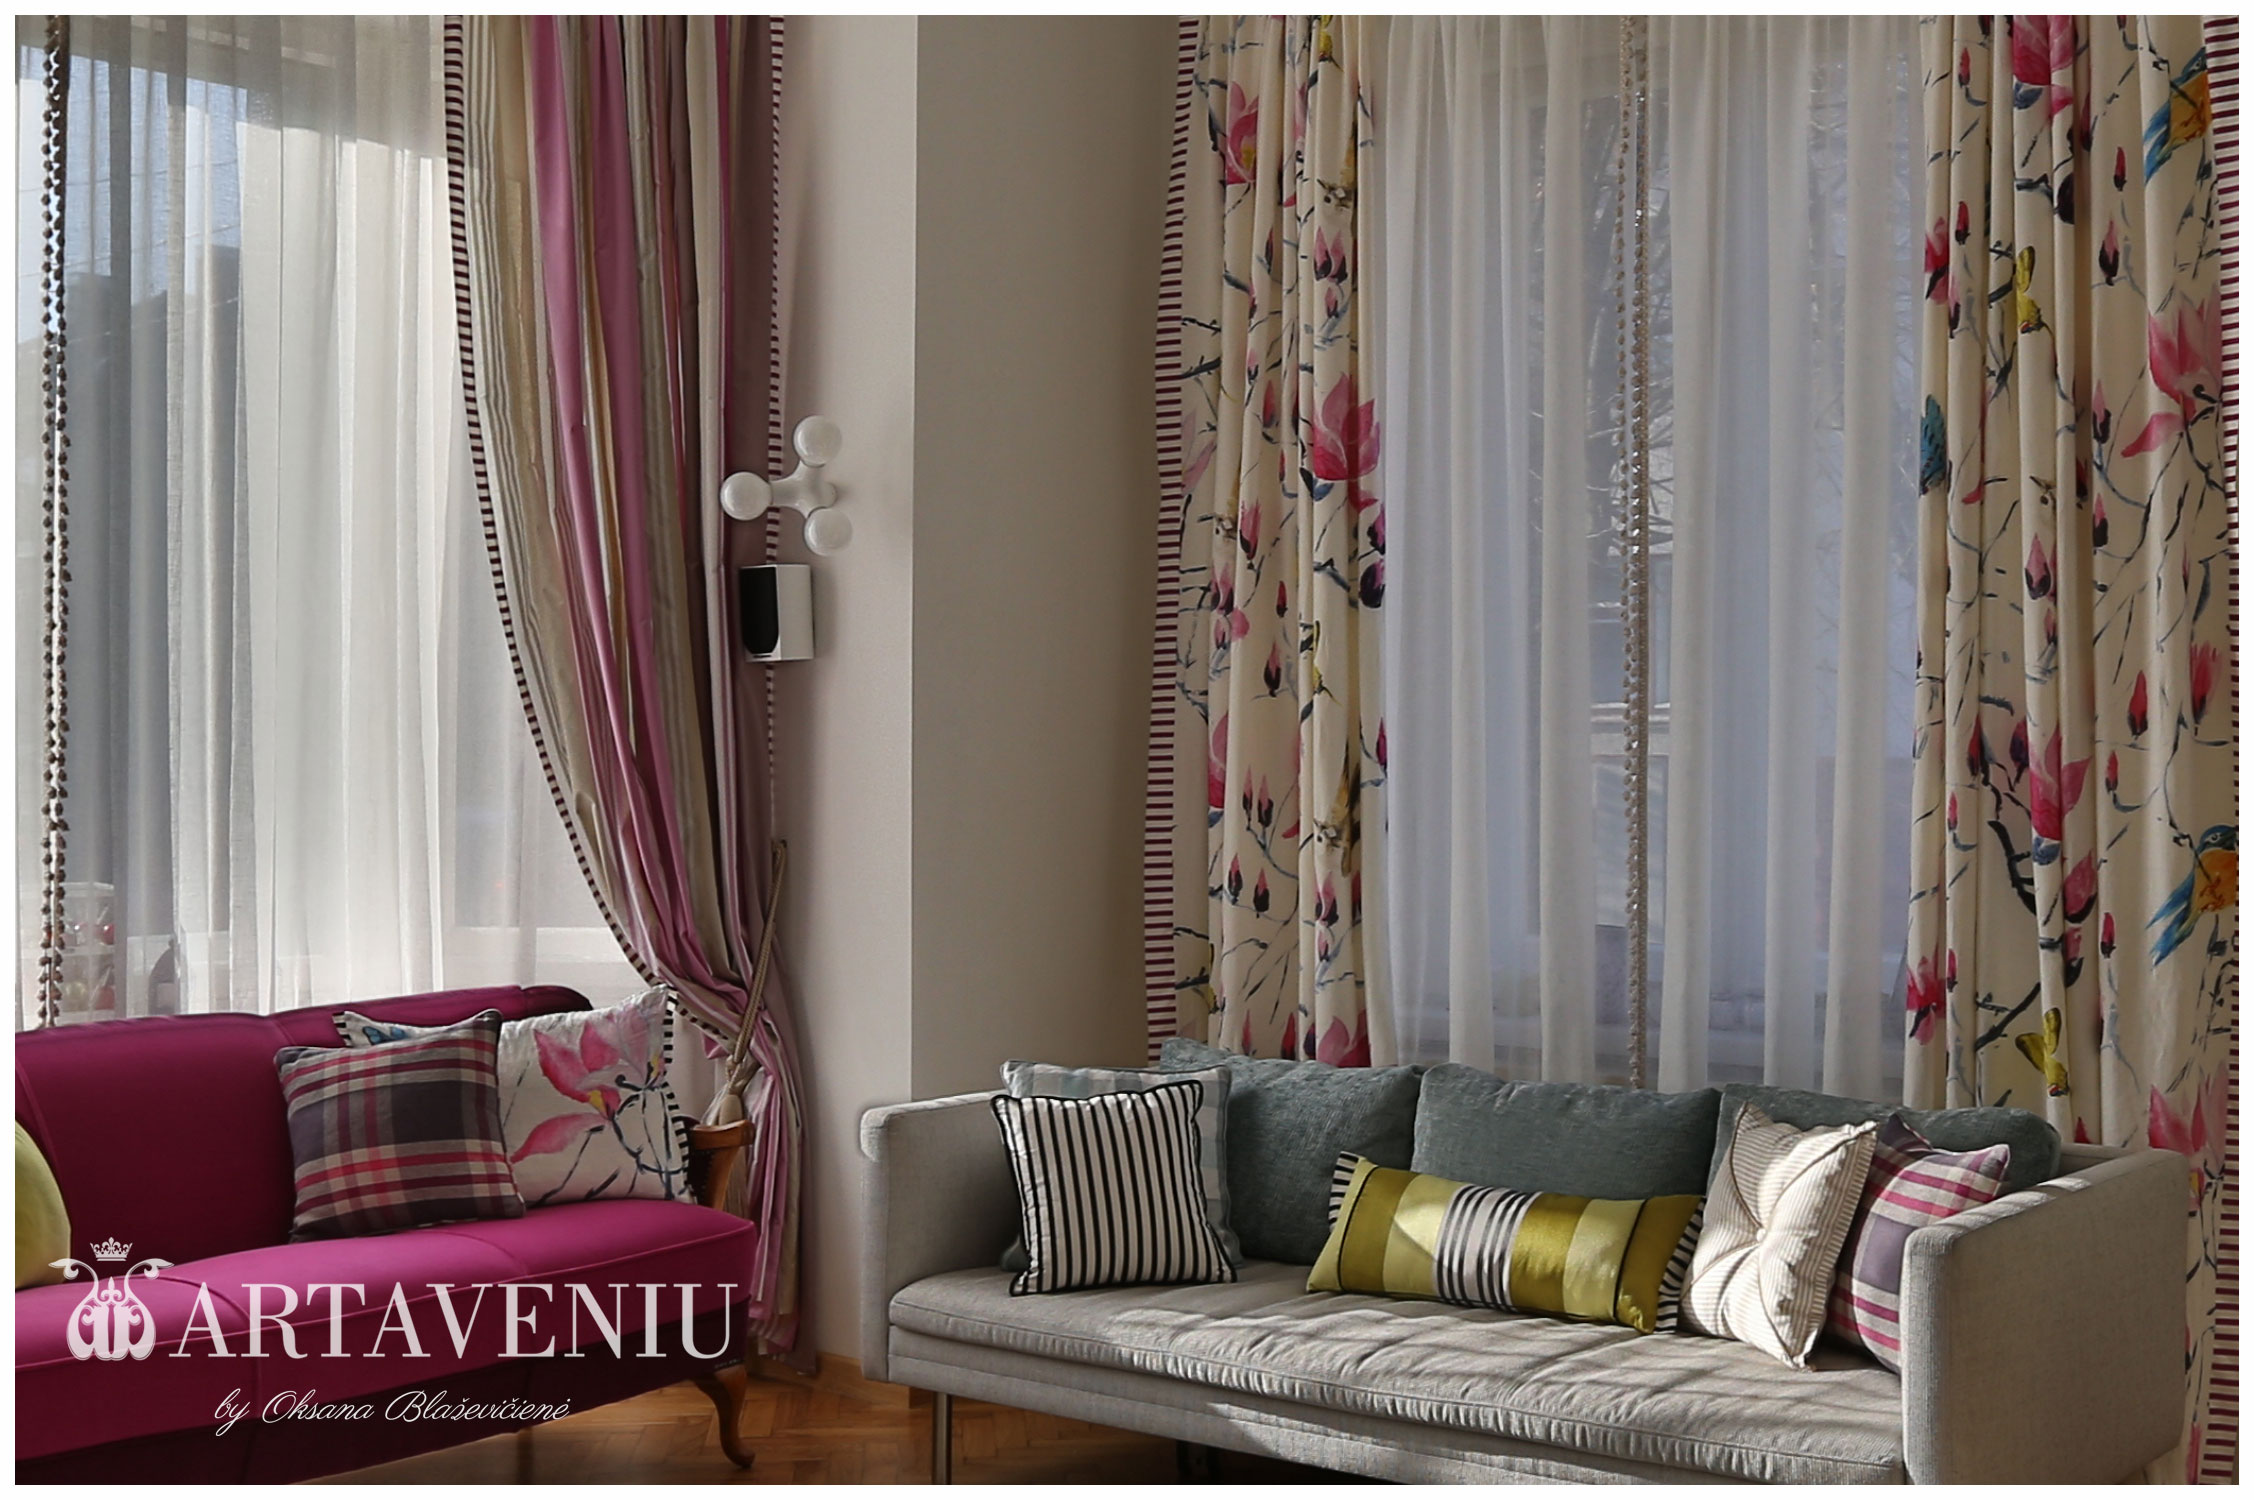 namu-tekstile-artaveniu-uzuolaisdos-uztiesalai-uzsakymai3